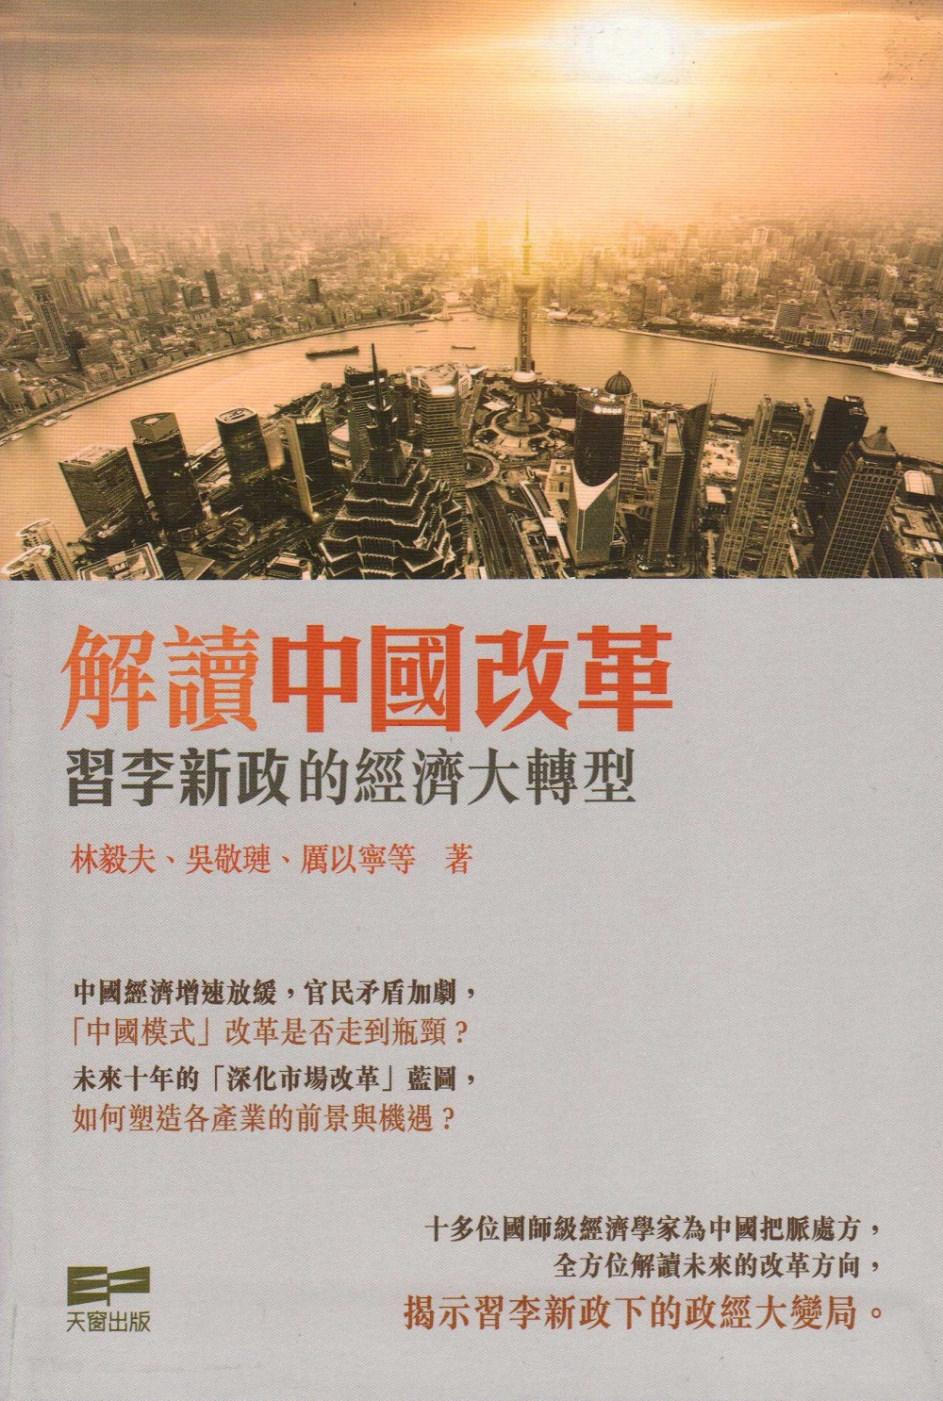 解讀中國改革:習李新政的經濟大轉型